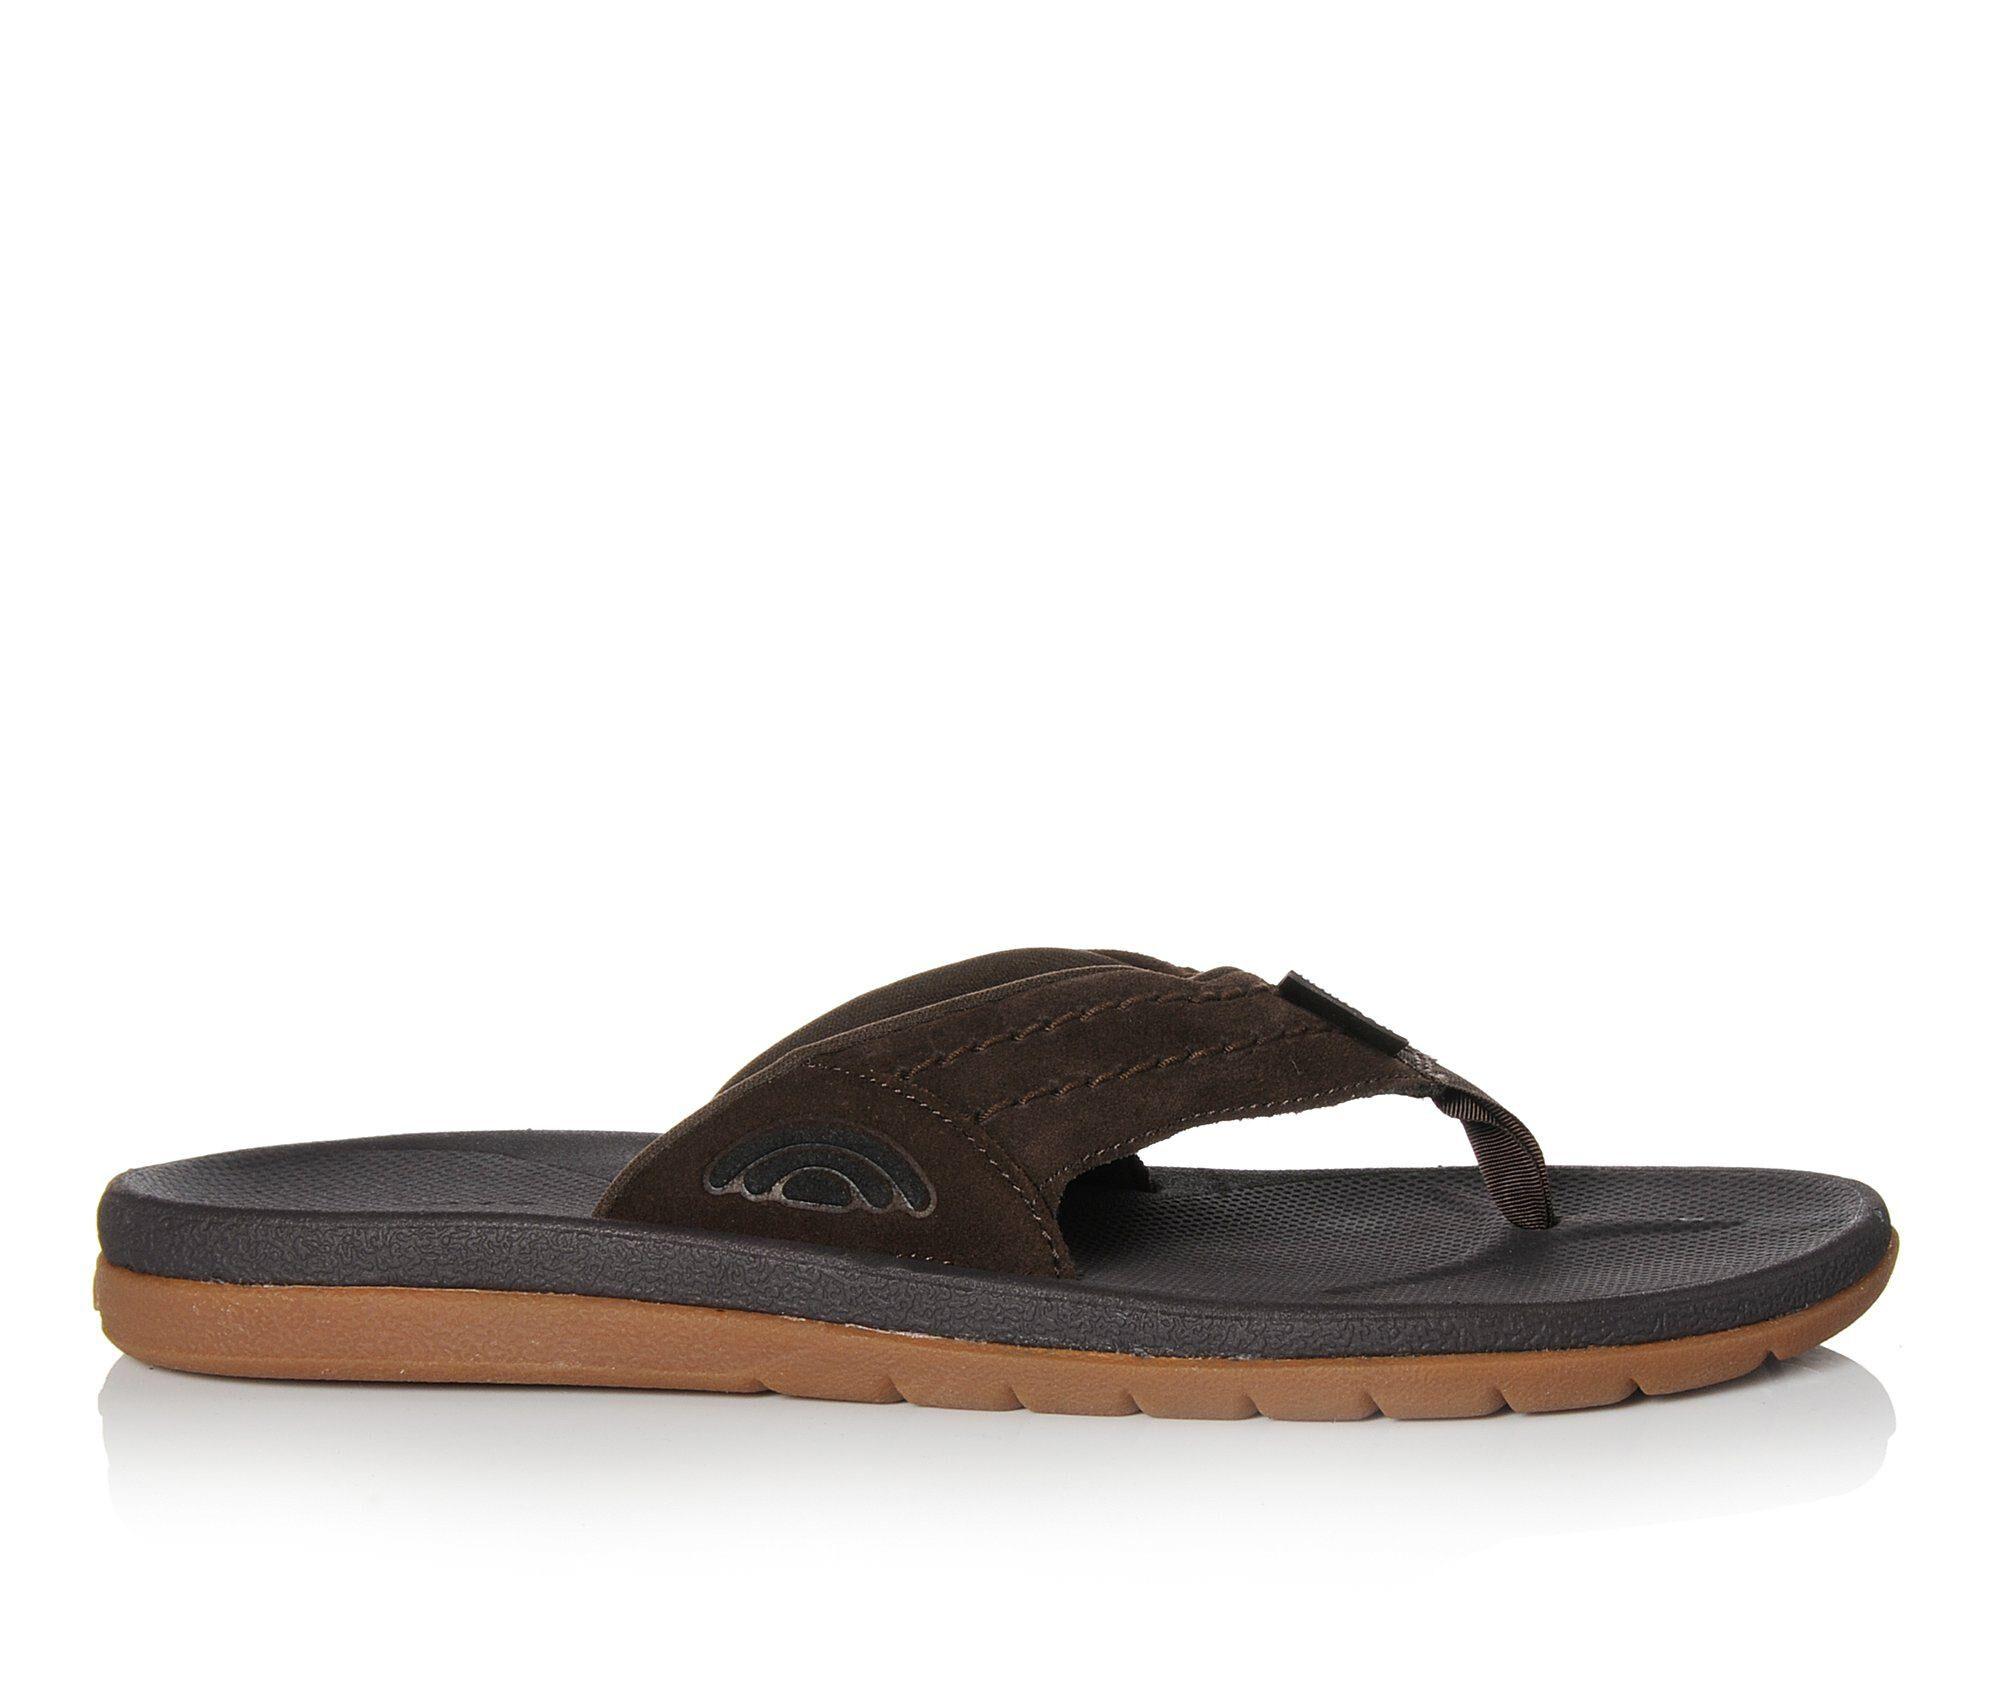 Rainbow Sandals \u0026 Flip Flops | Shoe